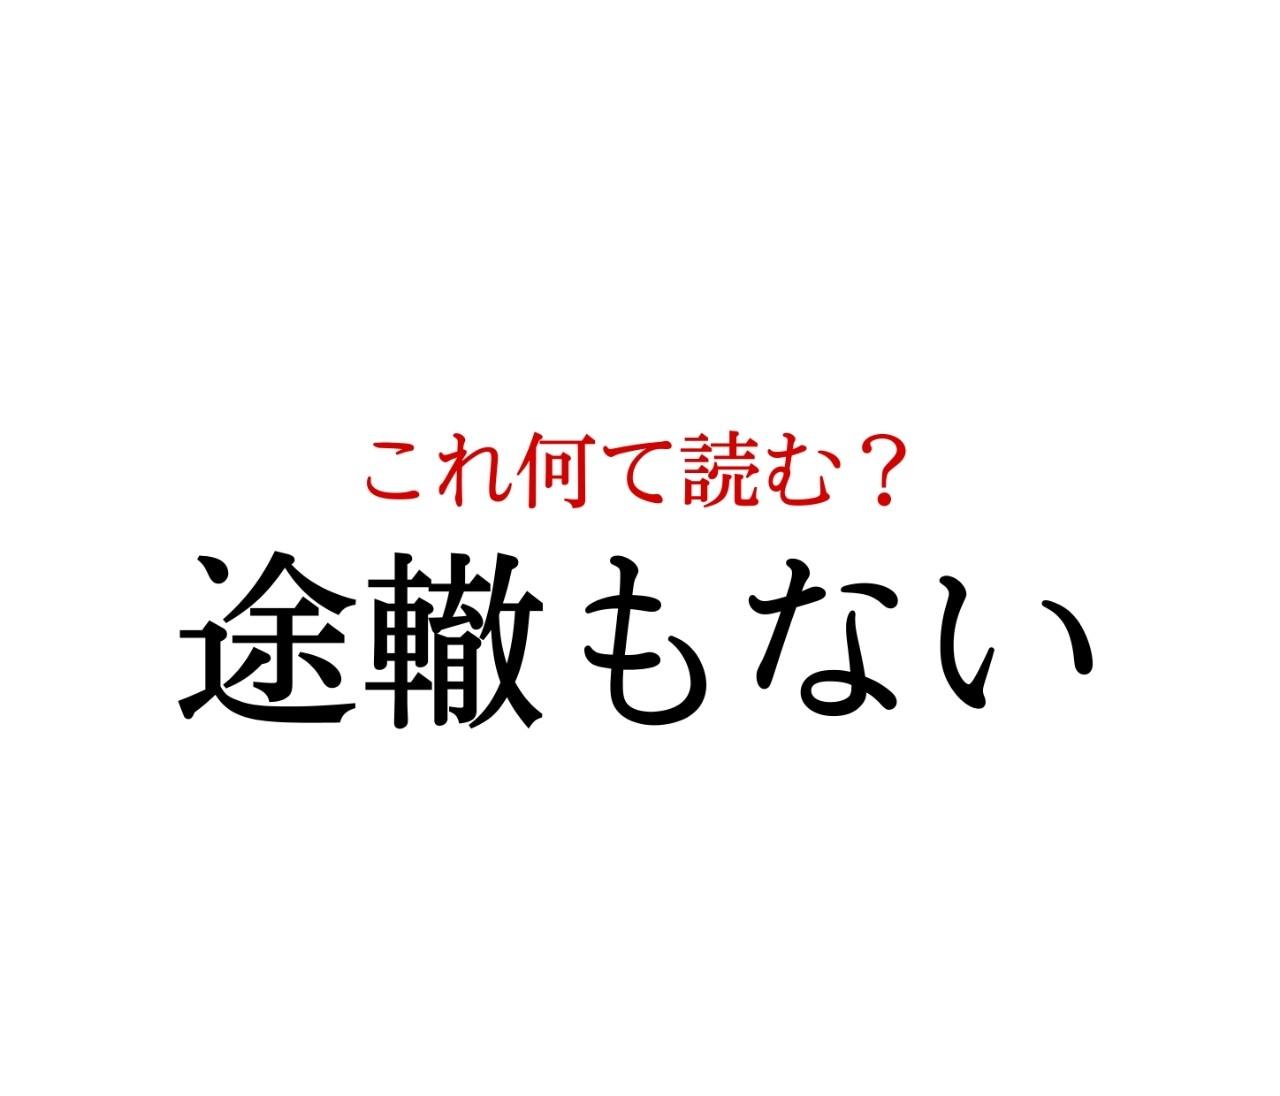 「途轍もない」:この漢字、自信を持って読めますか?【働く大人の漢字クイズvol.85】